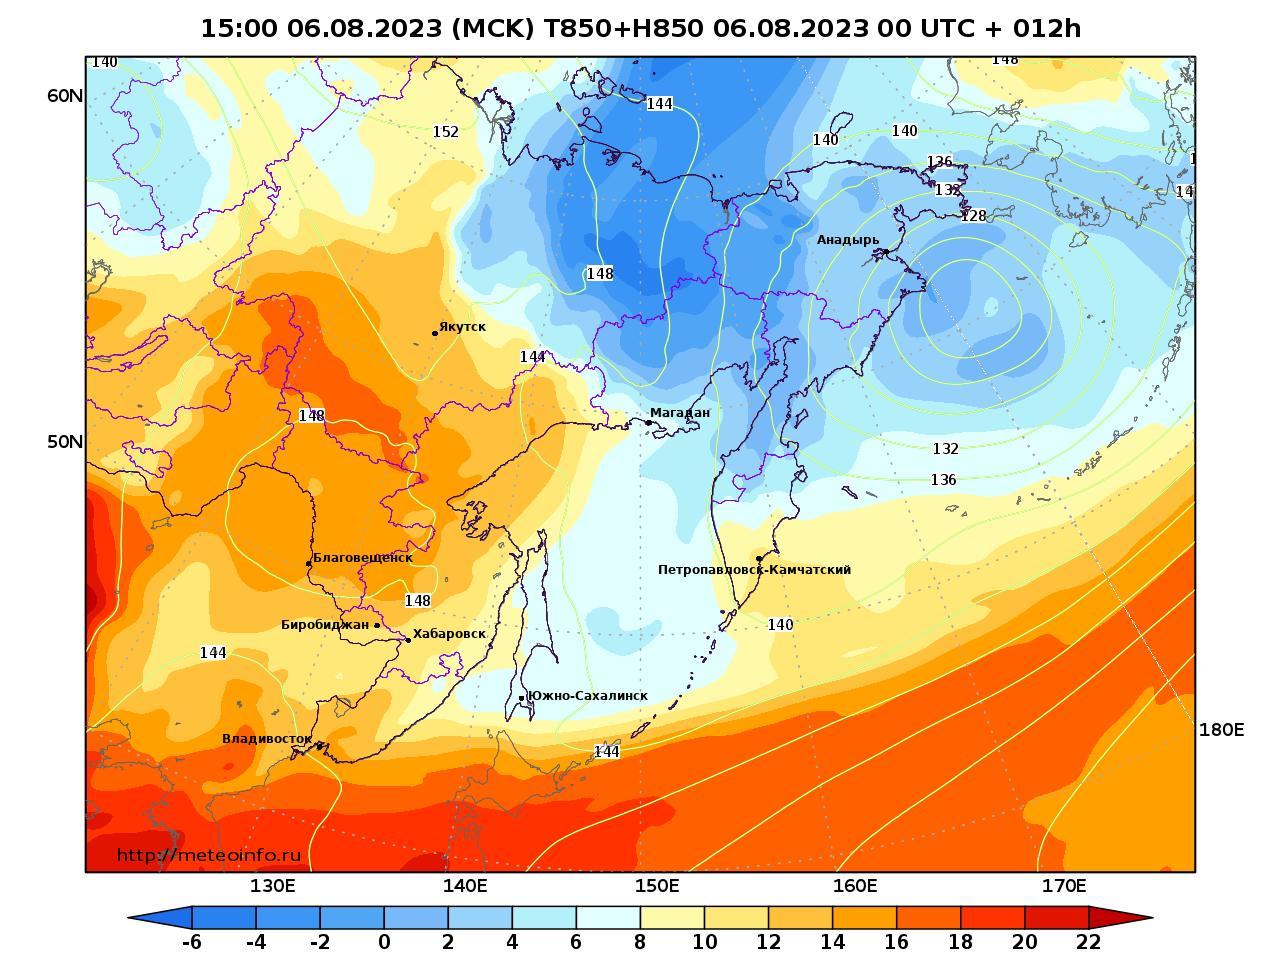 Дальний Восток, прогностическая карта температура T850 и геопотенциал H850, заблаговременность прогноза 12 часов